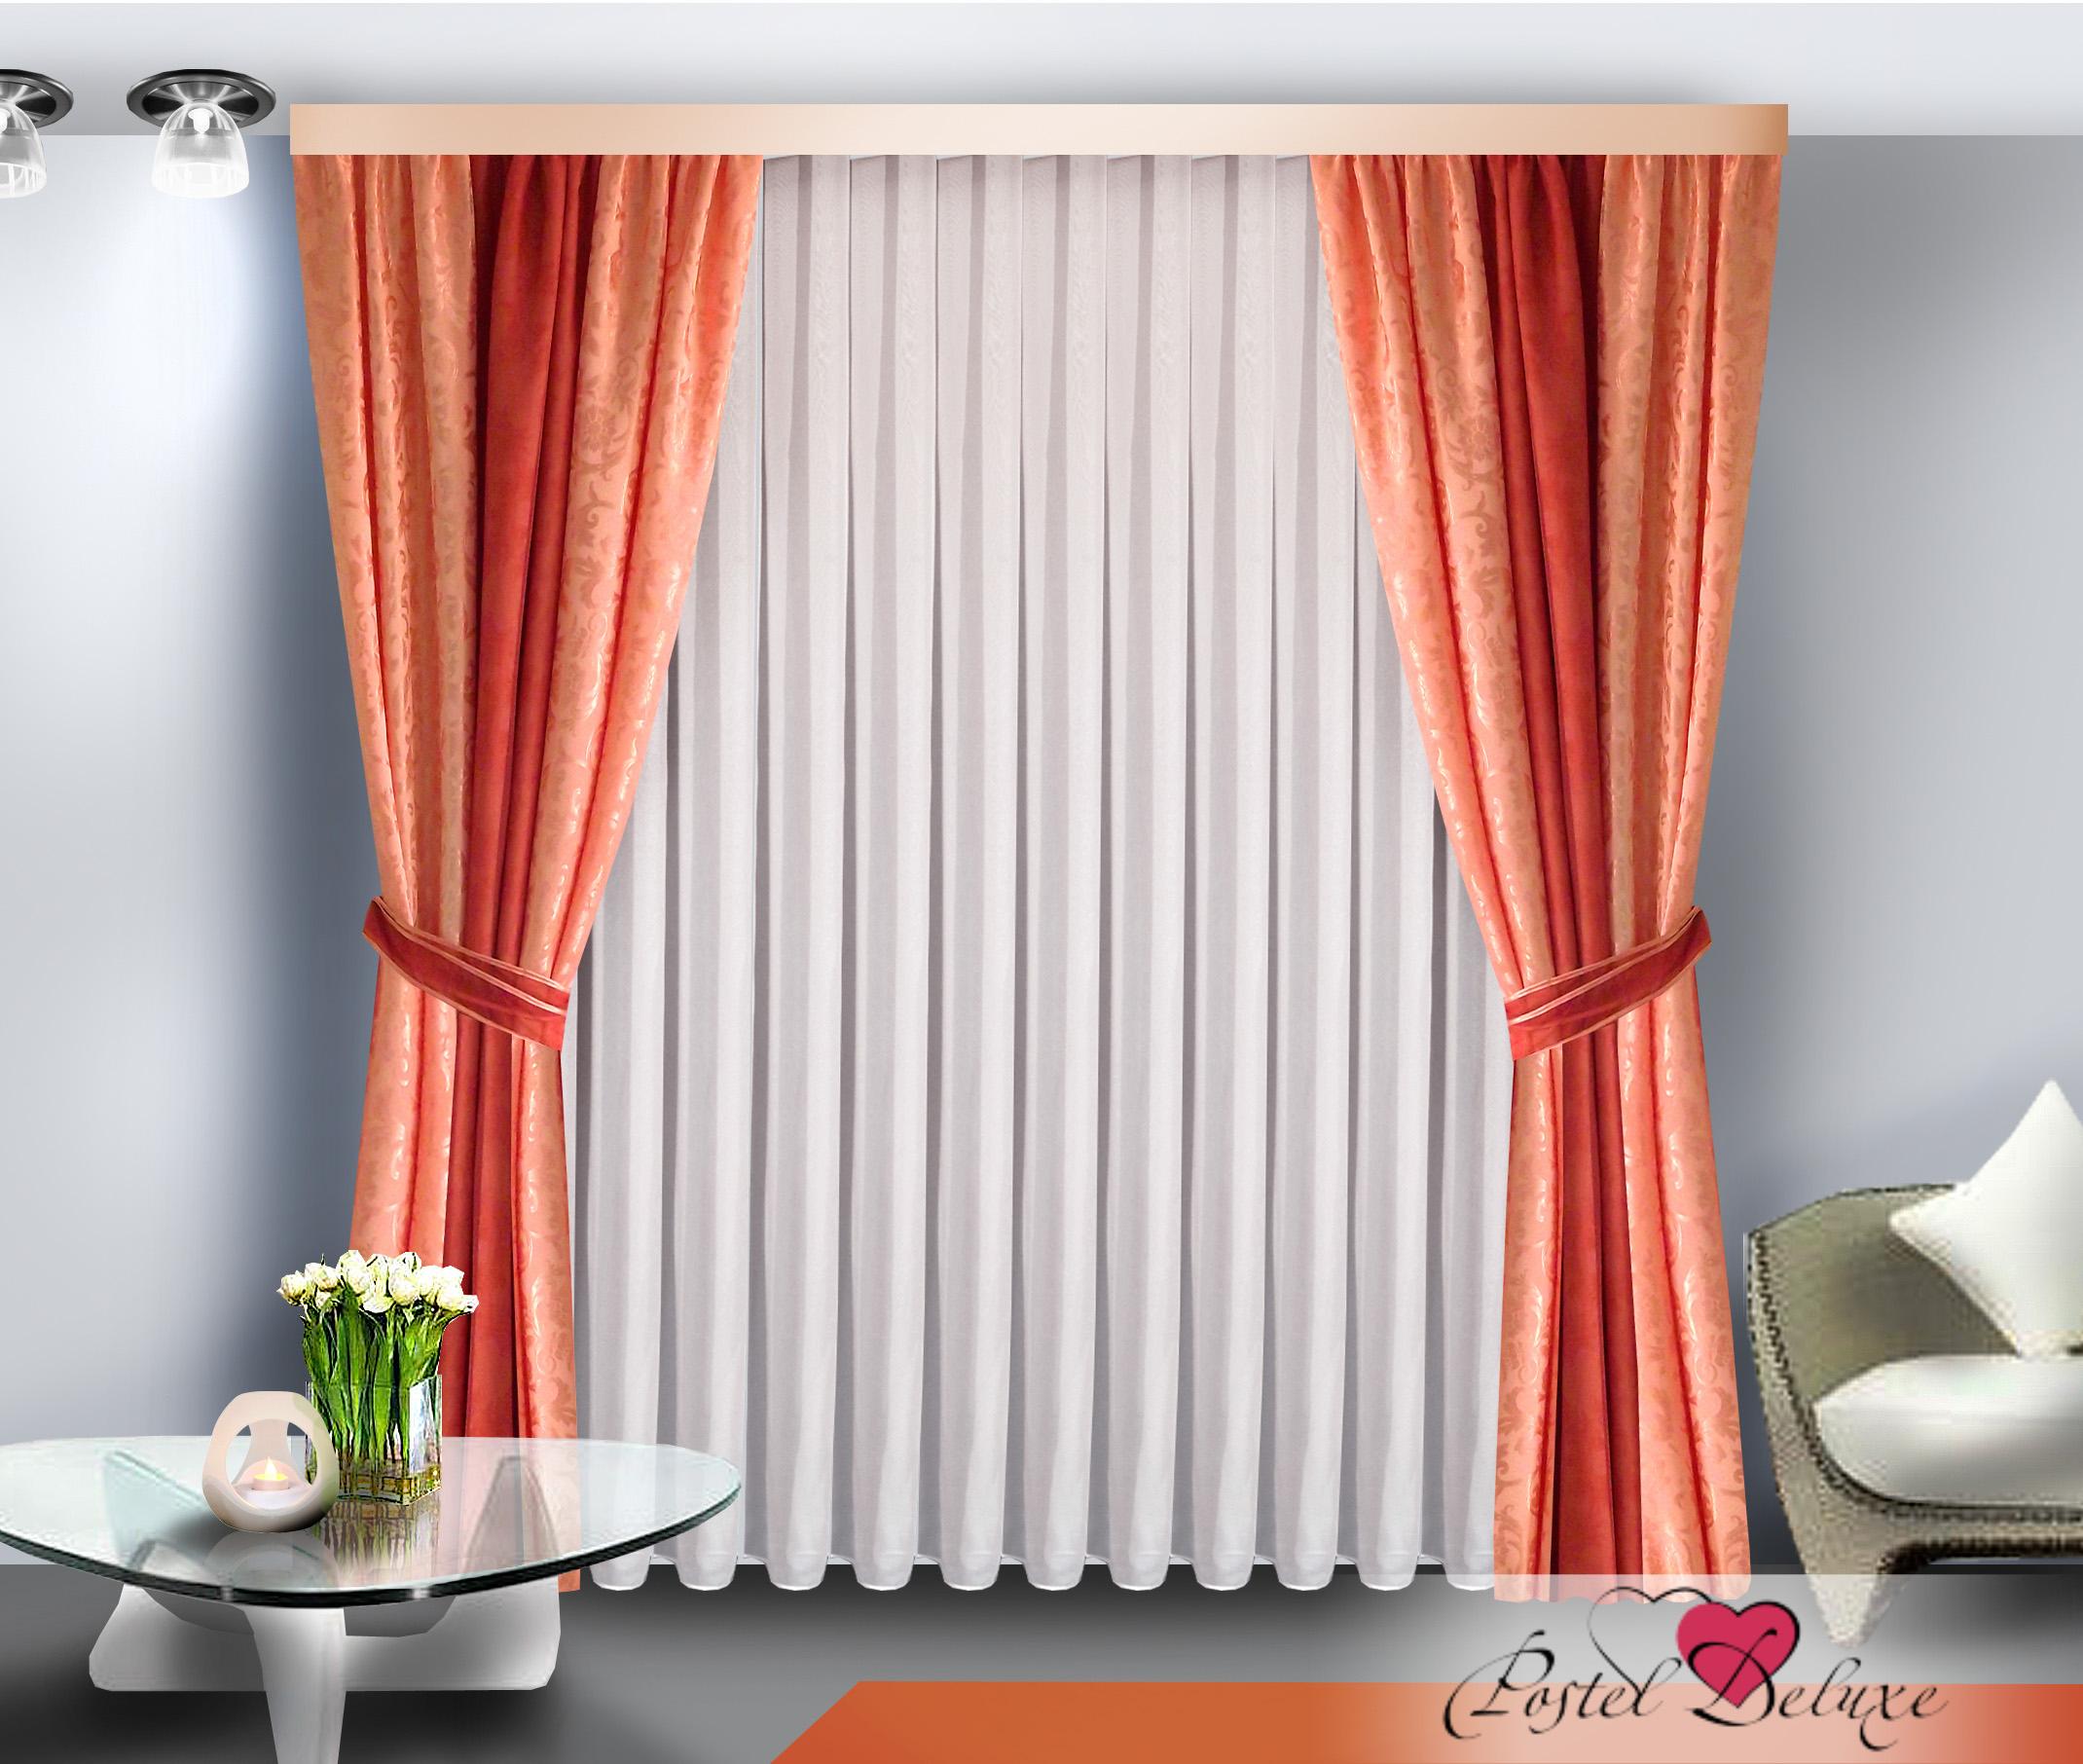 Шторы Zlata Korunka Классические шторы Цвет: Розовый шторы tac классические шторы winx цвет персиковый 200x265 см